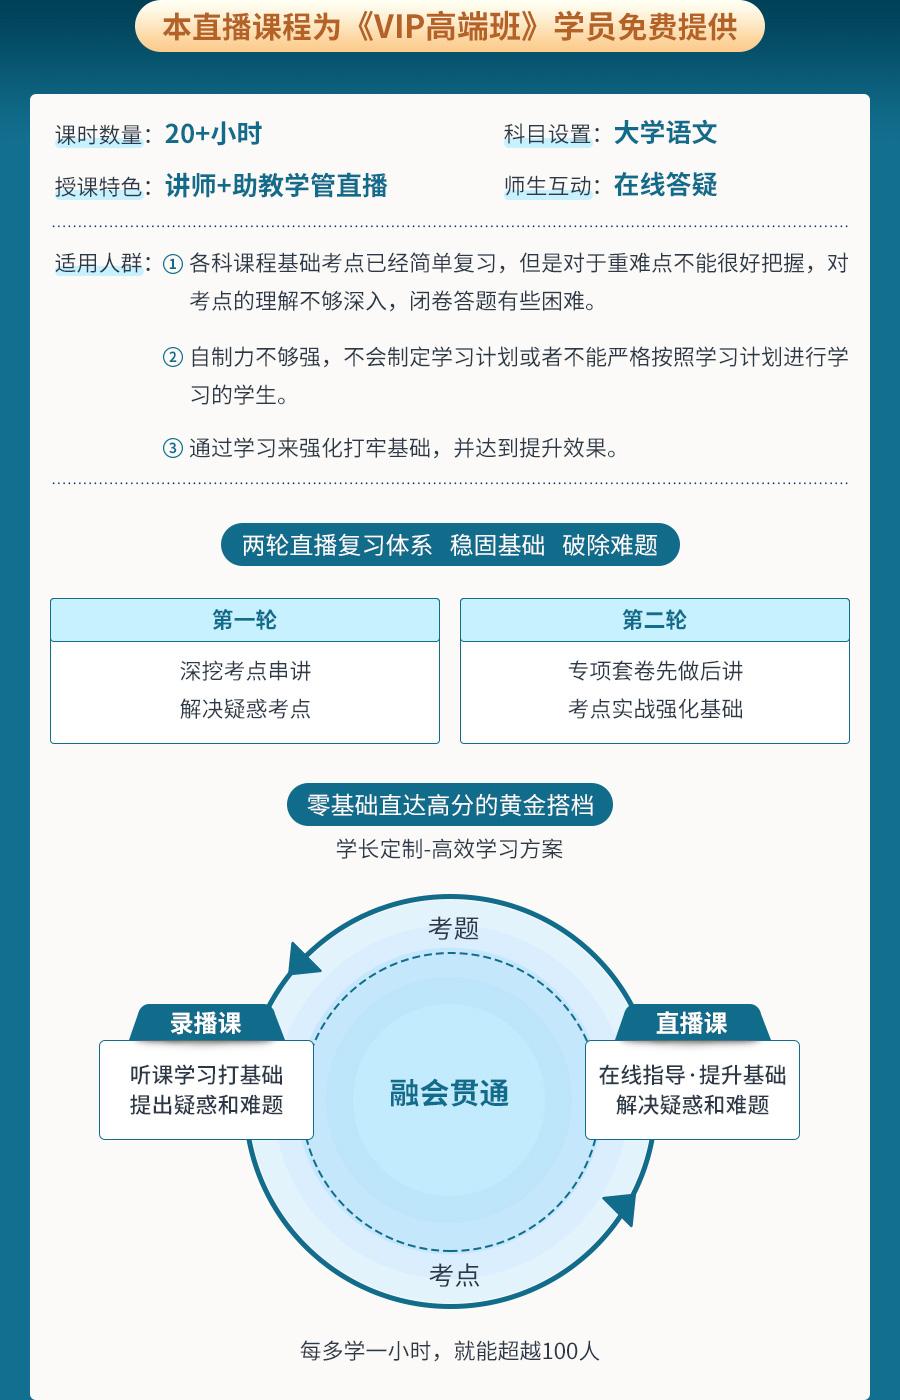 山东专升本基础单科大学语文直播课程包装_02.jpg